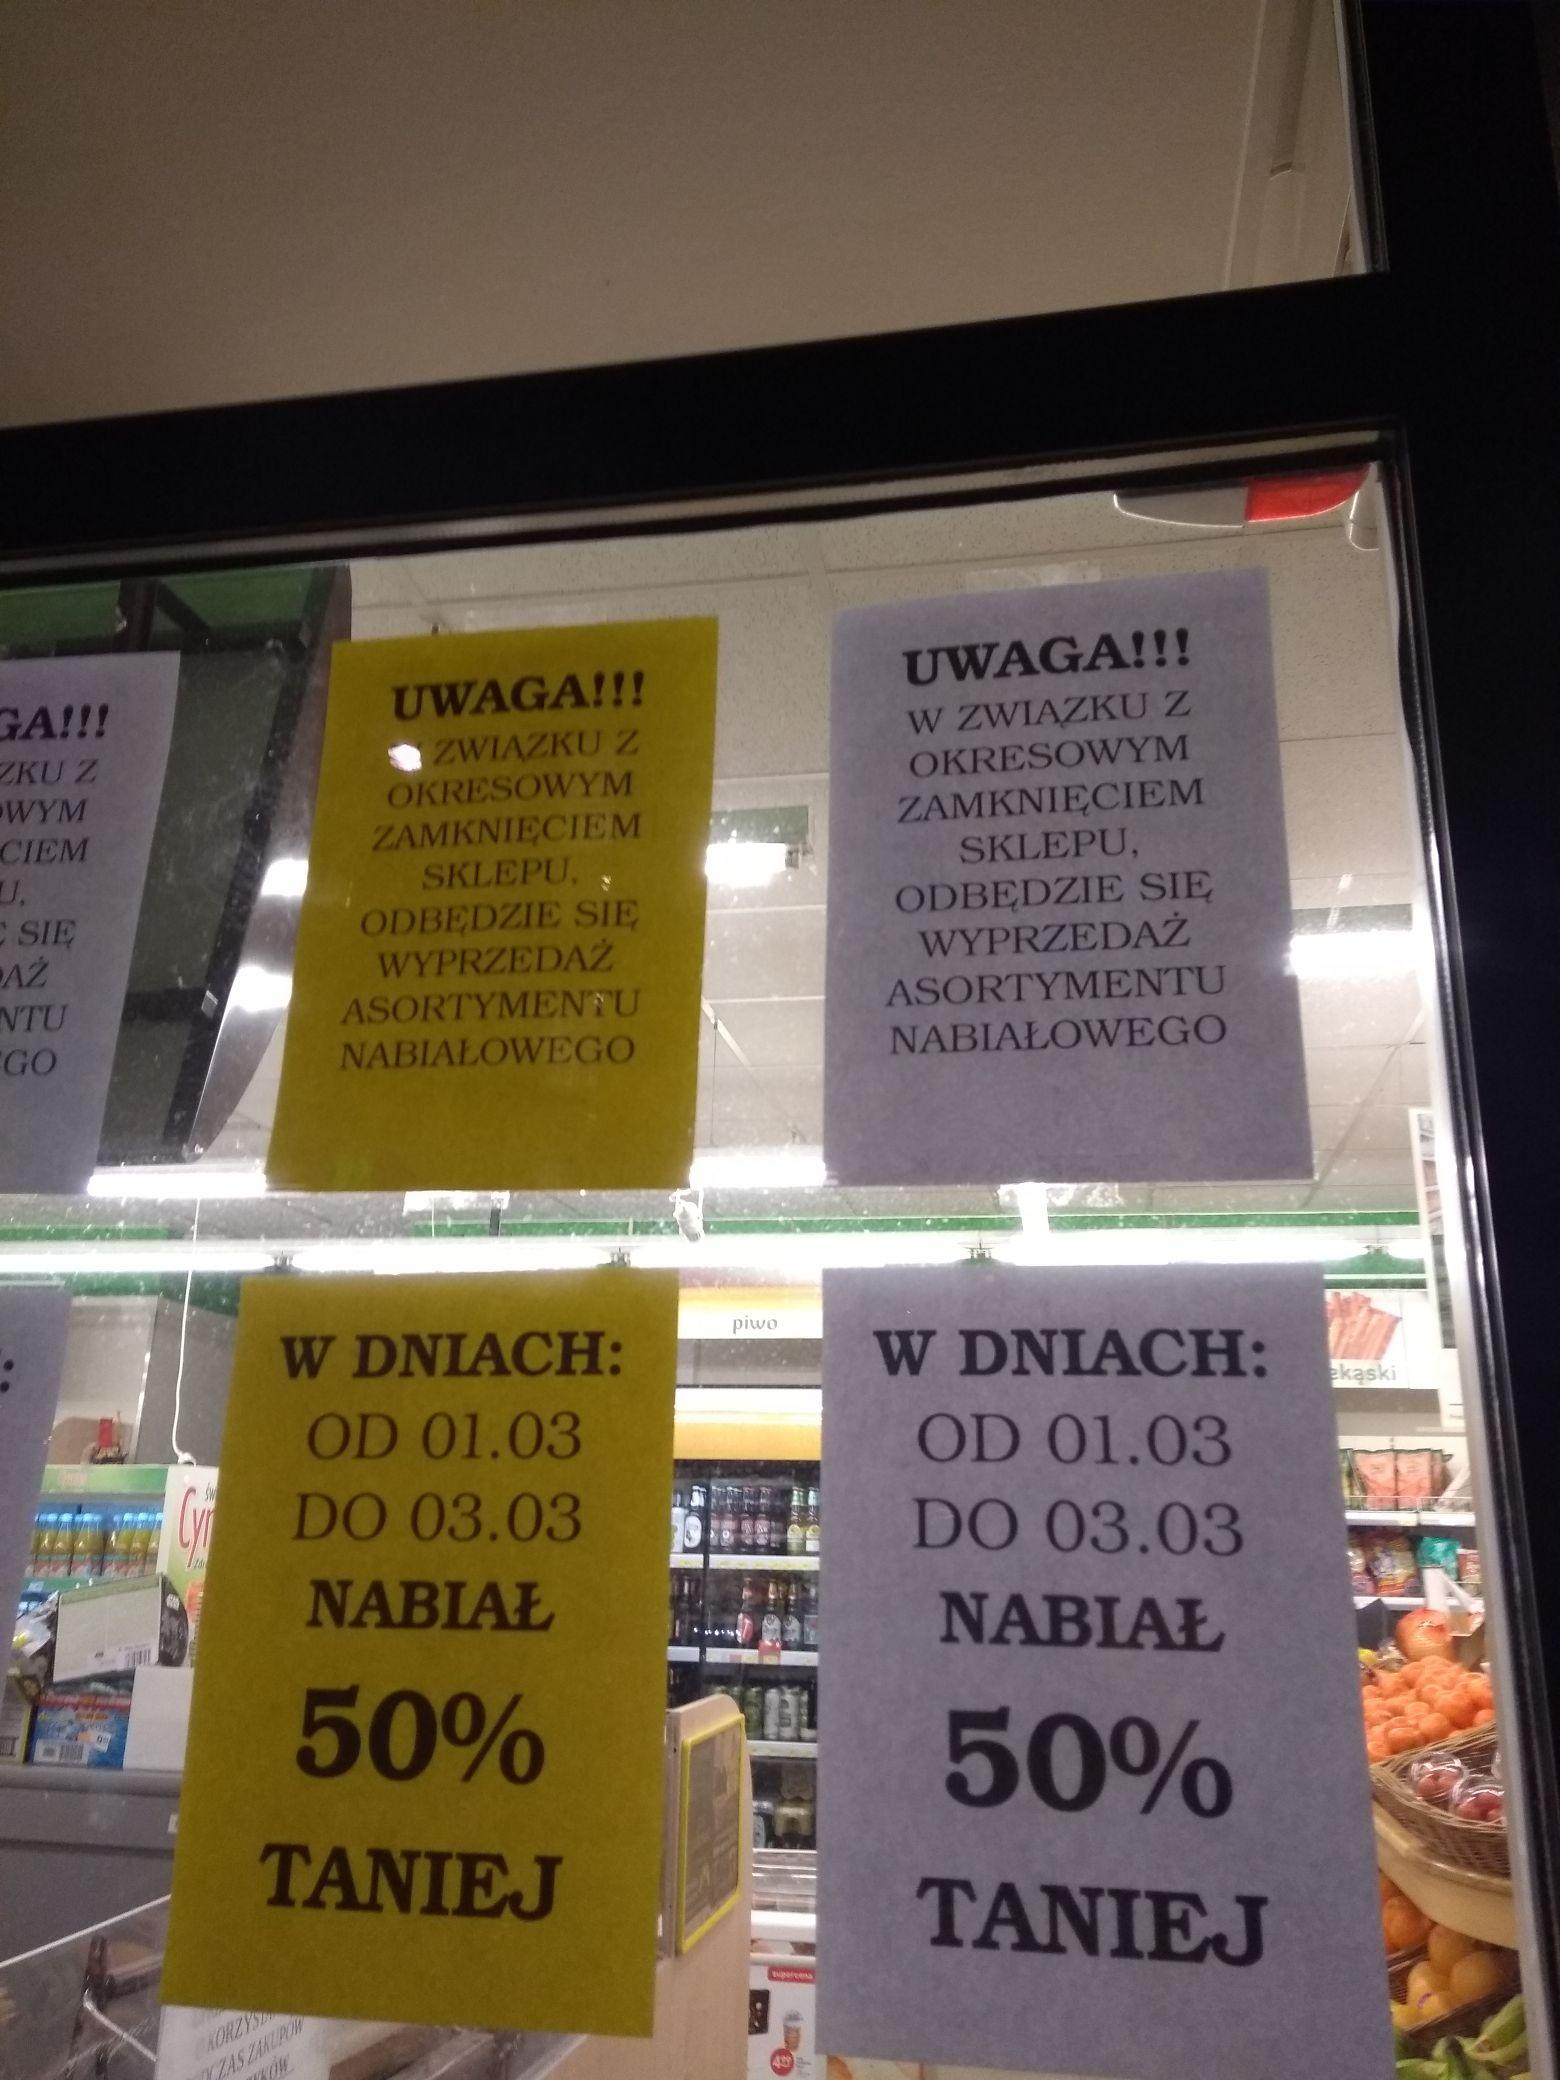 Fresh Market Wrocław Słonimskiego -50% nabial